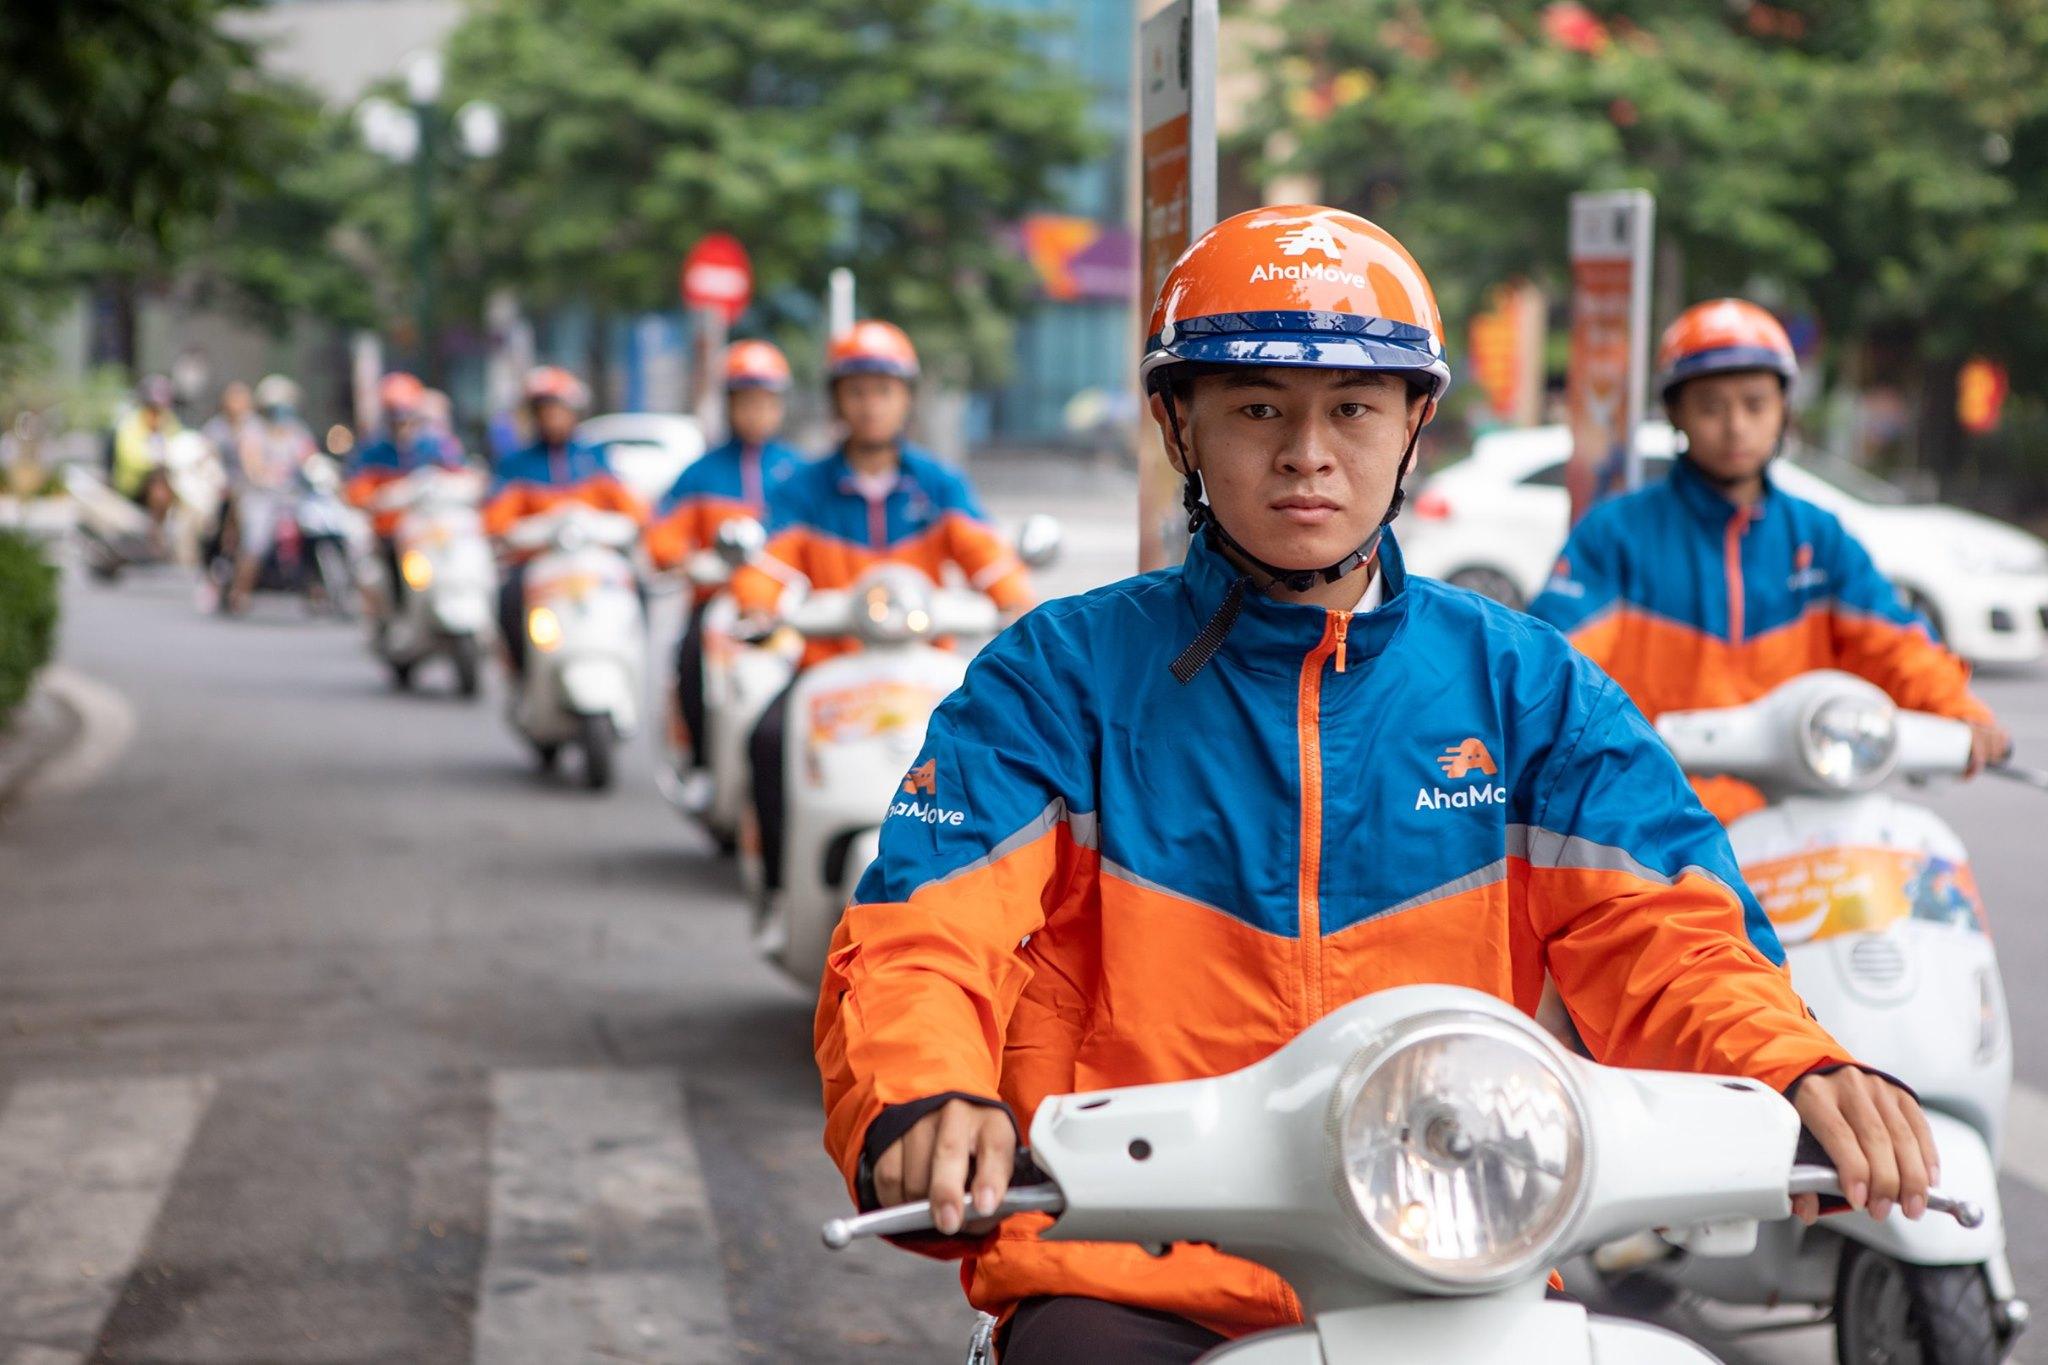 'Ông chủ' Giao Hàng Nhanh, AhaMove với cuộc chiến 'trong nguy có cơ' ở mảng logistics Việt Nam - Ảnh 5.